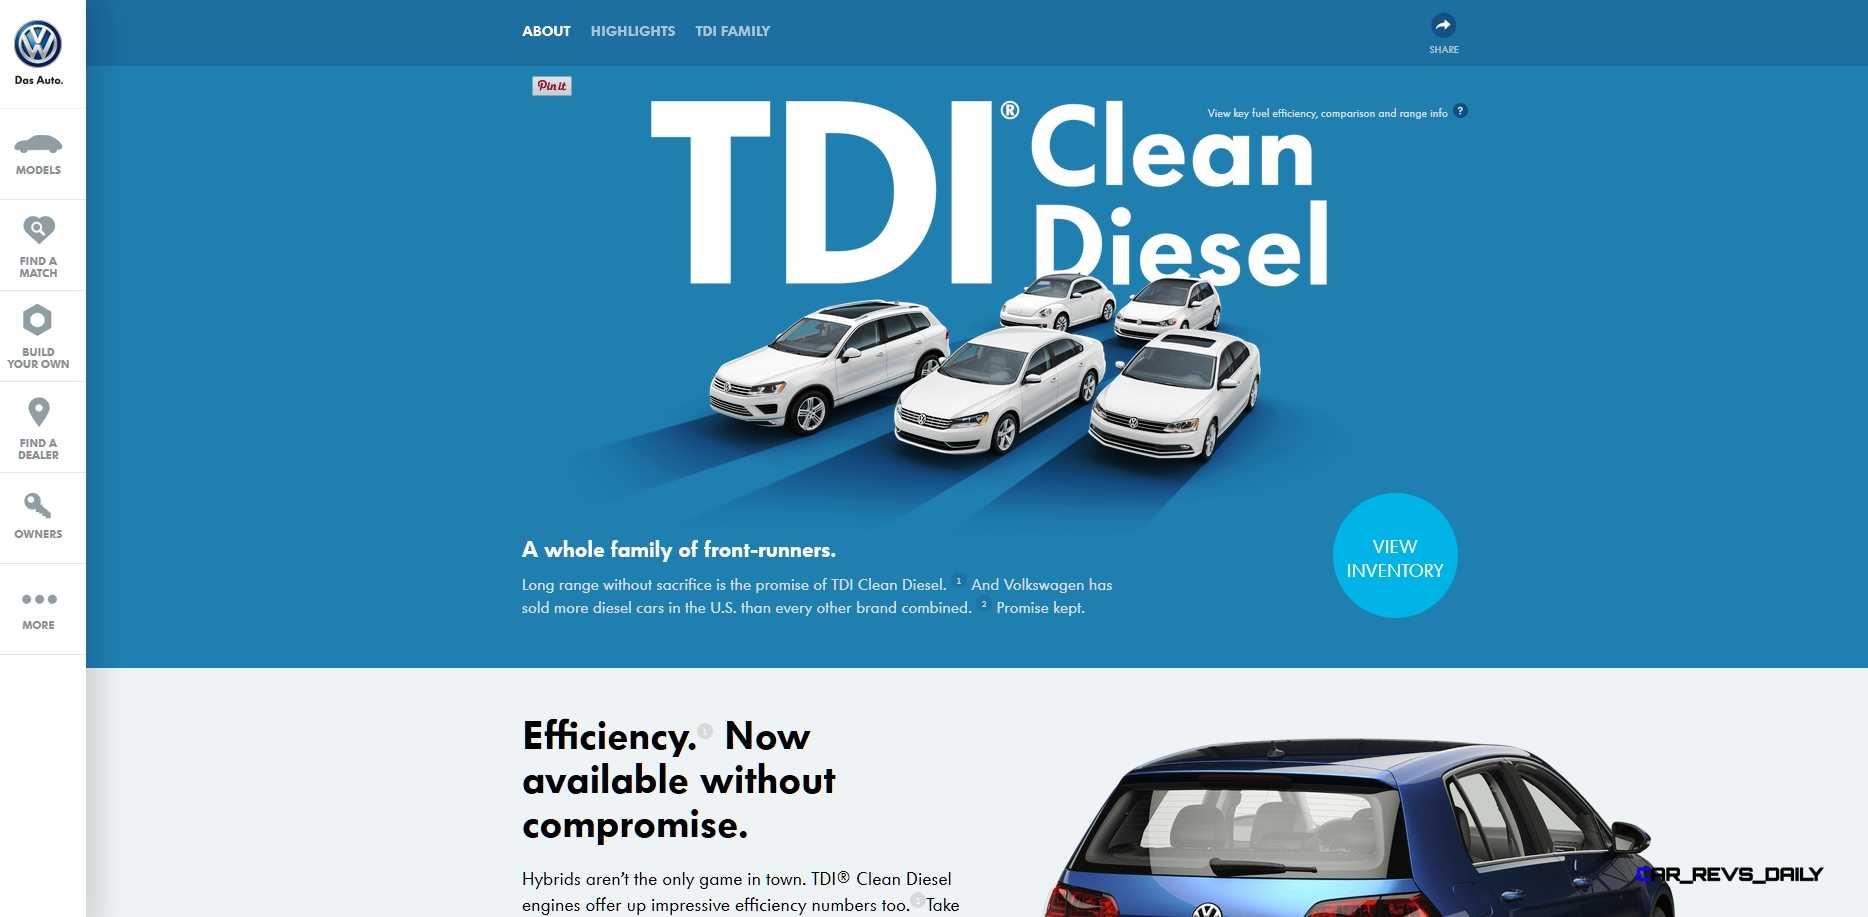 Vw Clean Diesel >> Volkswagen Tdi Clean Diesel Epa Violation 10